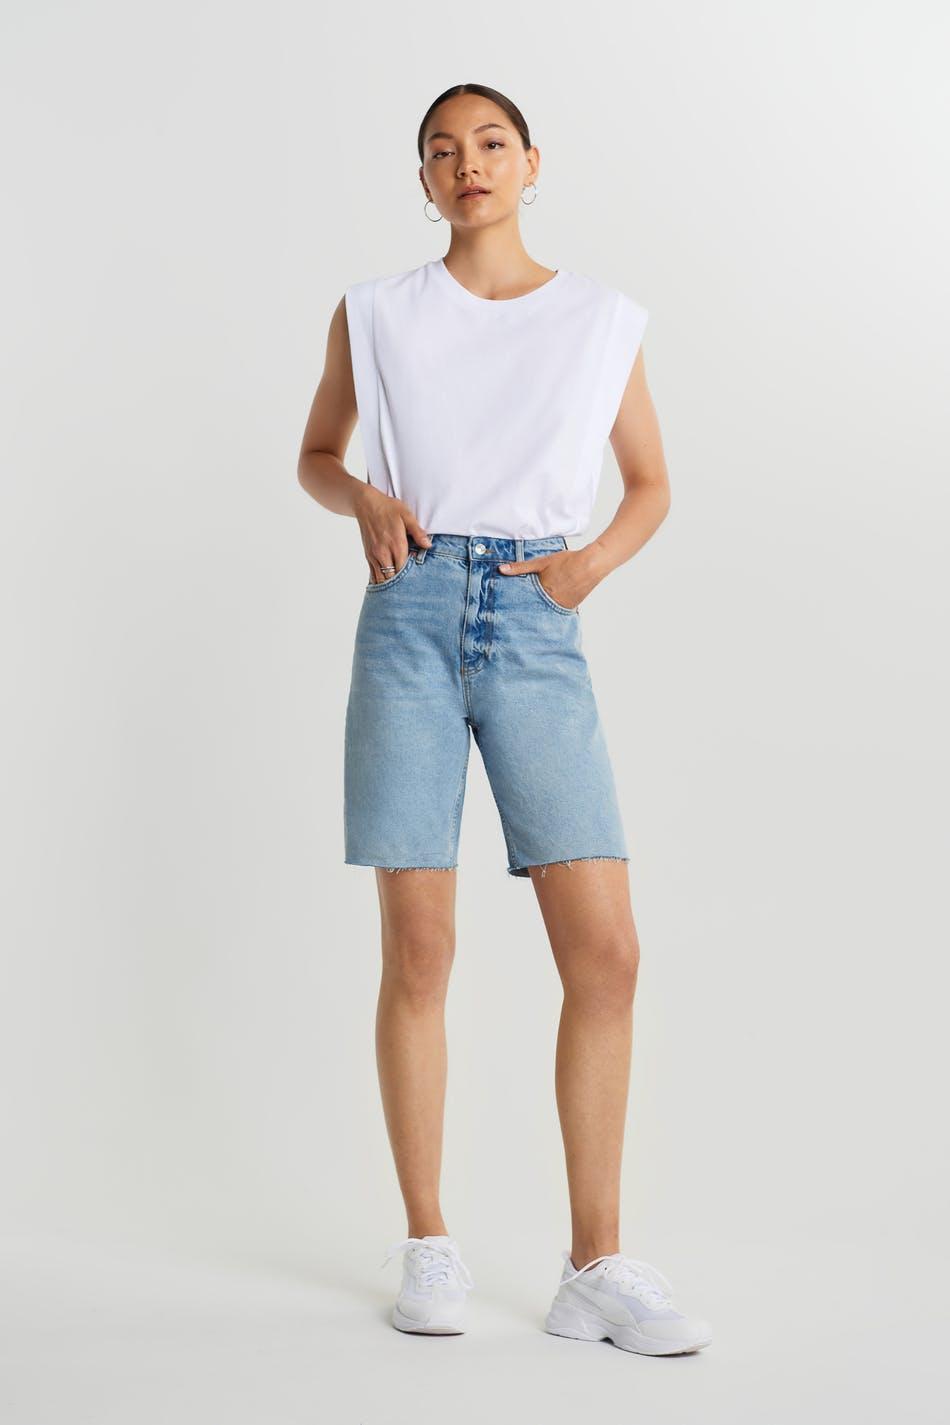 City denim shorts